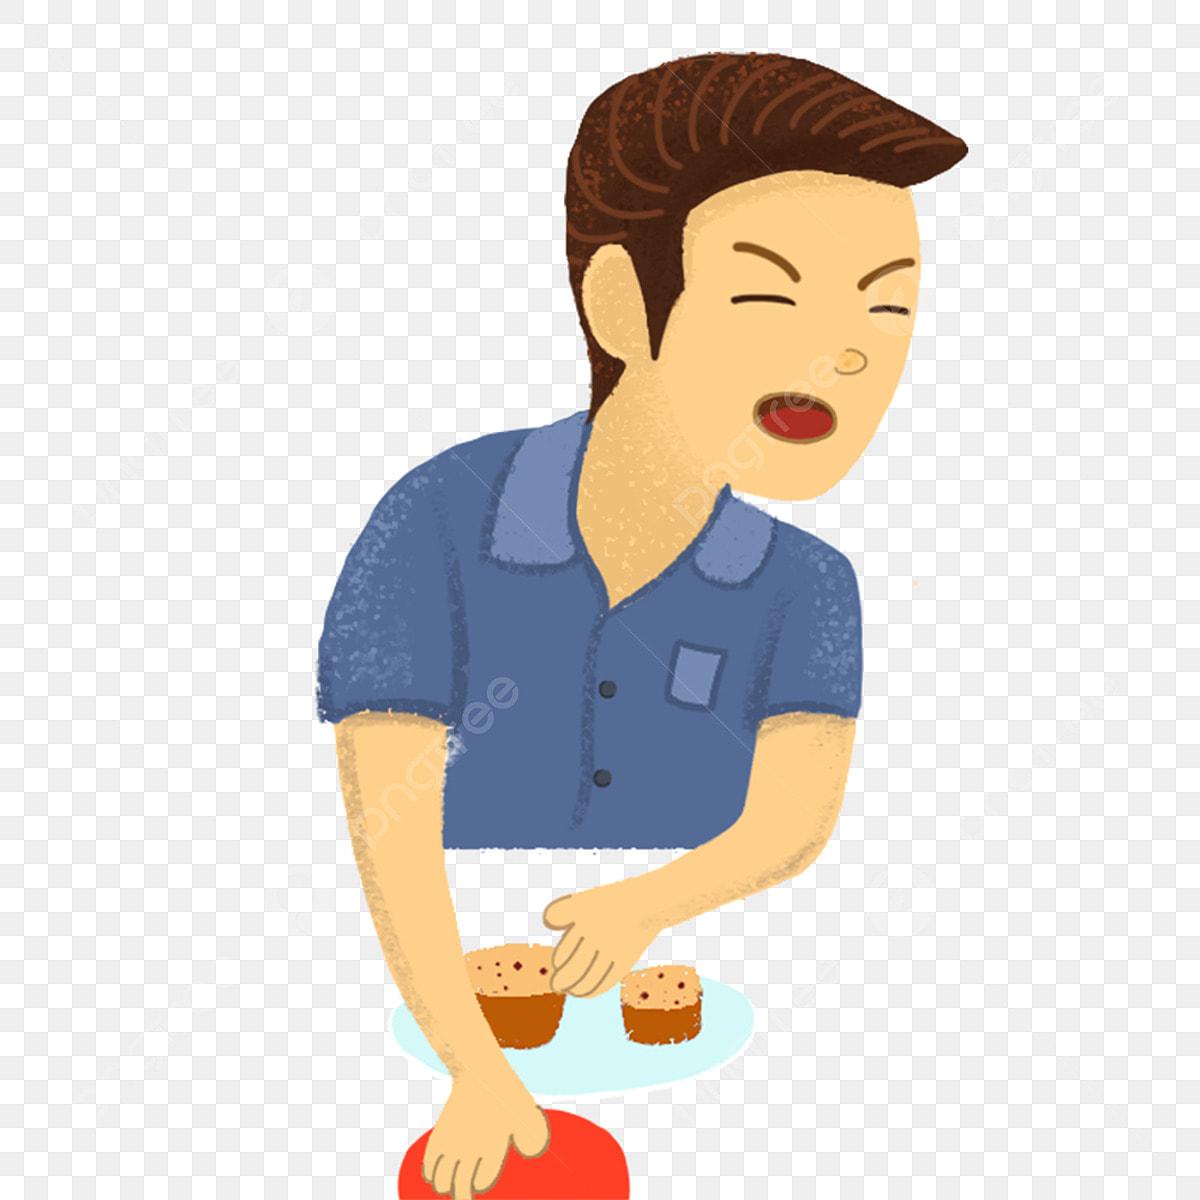 يوم المعلم طاولة كرتونية معلمة التصحيح العمل شخصية كرتونية كلاس تصويب العمل Png وملف Psd للتحميل مجانا Cartoon Characters Character Cartoon